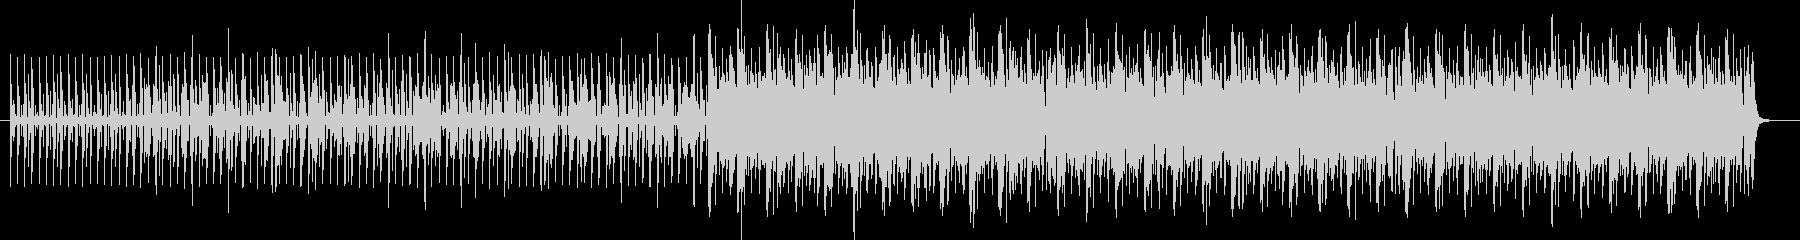 シェイカーポップミュージックの未再生の波形